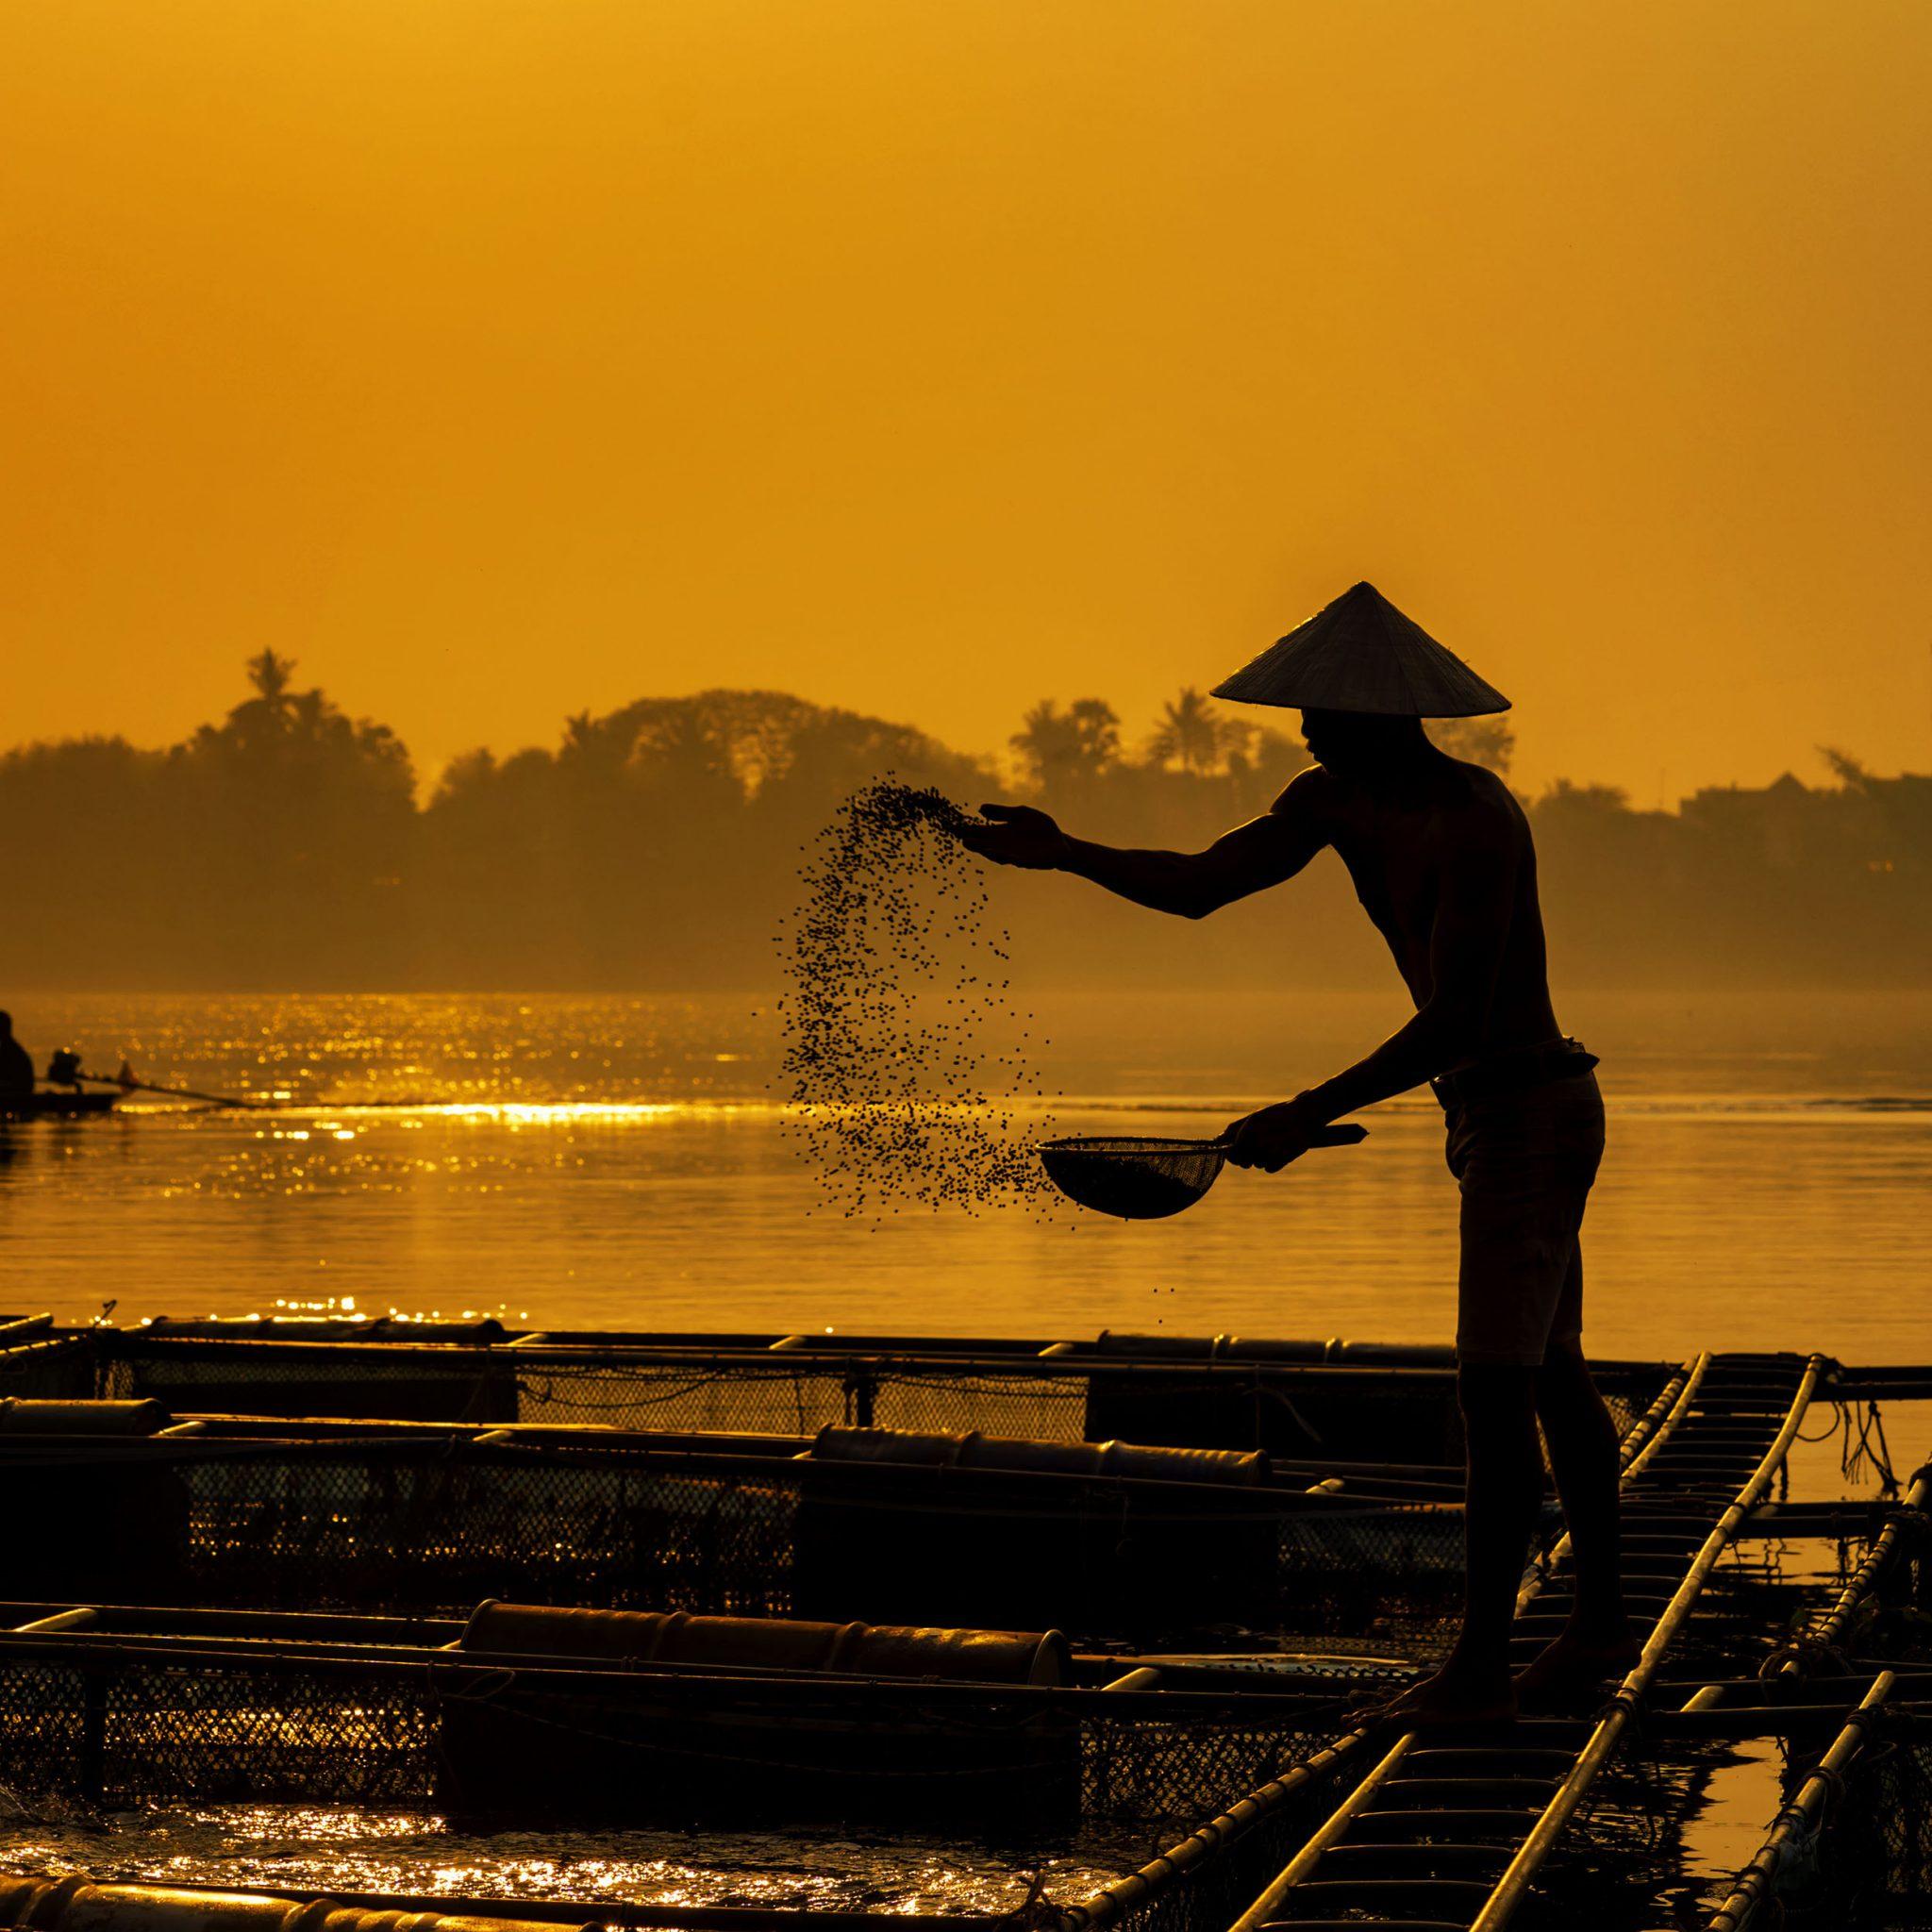 Feeding fish in a fish farm